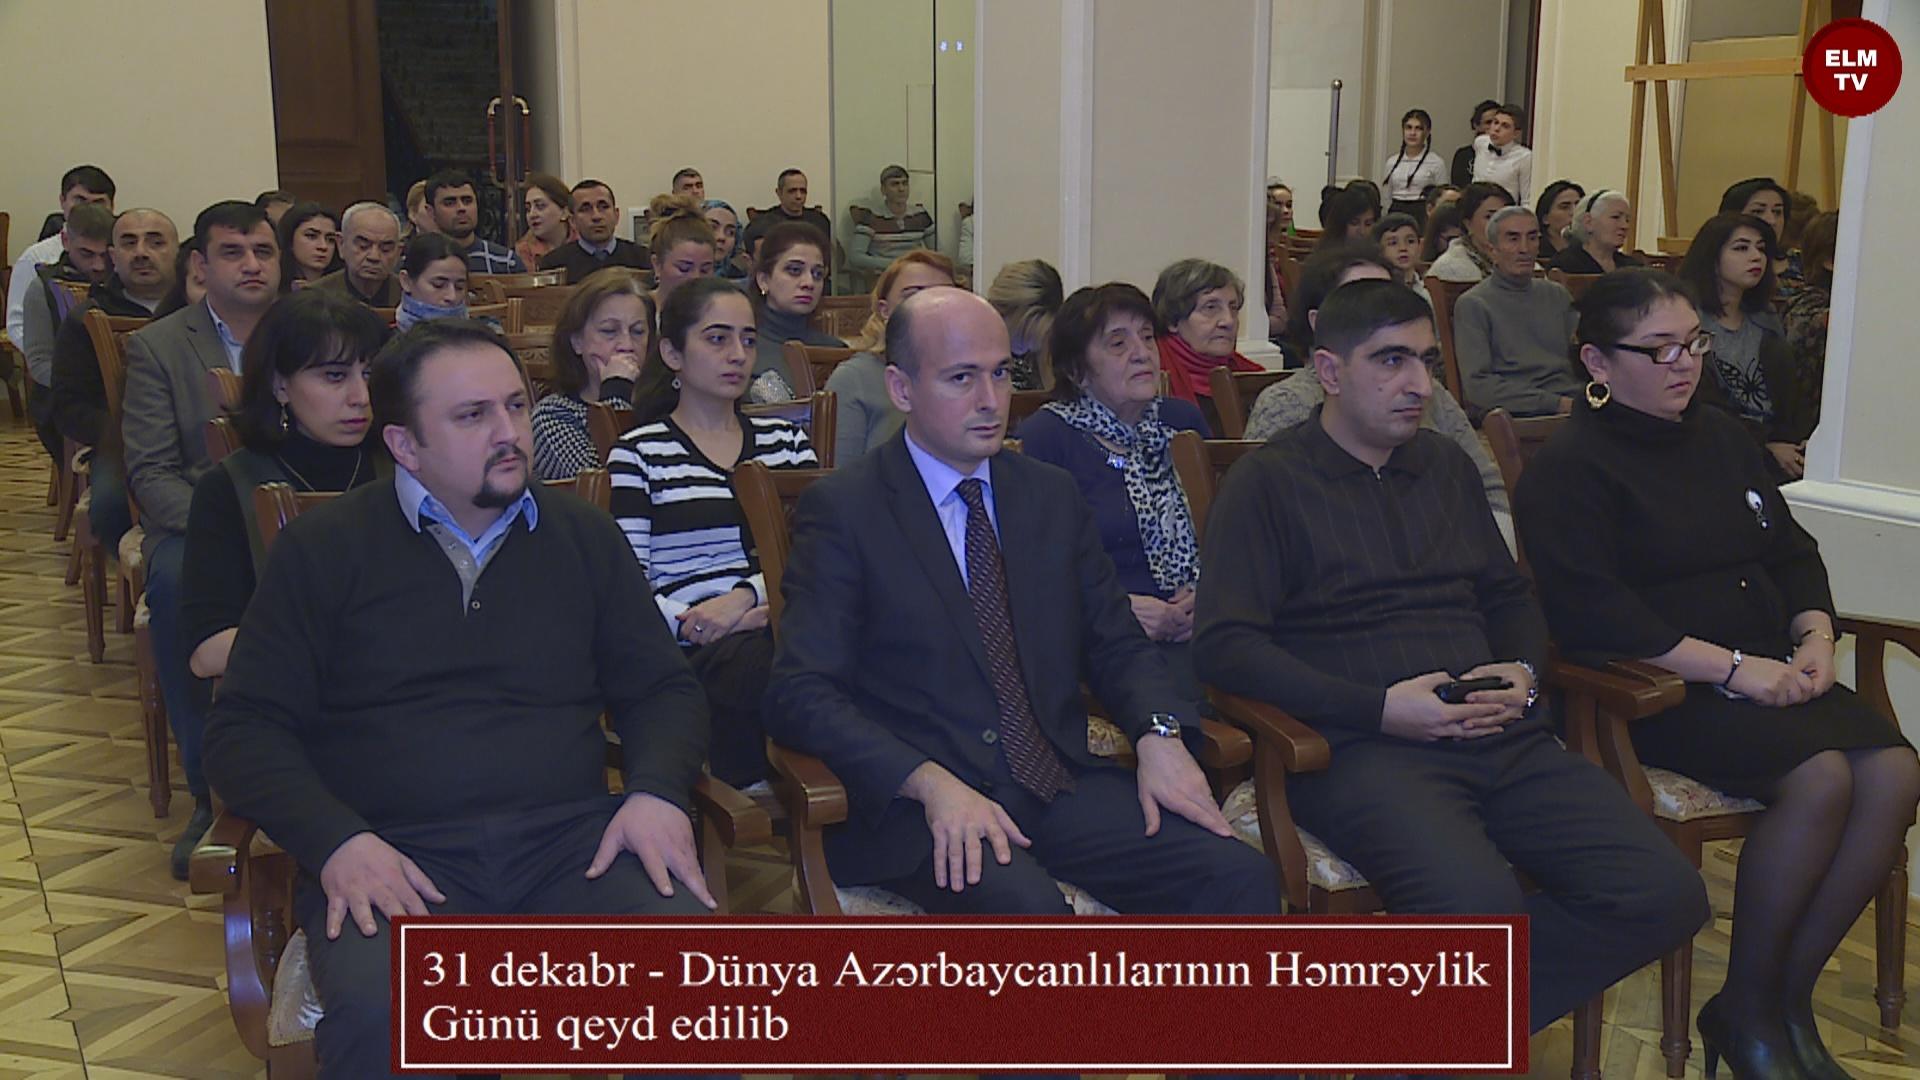 31 dekabr - Dünya Azərbaycanlılarının Həmrəylik Günü qeyd edilib